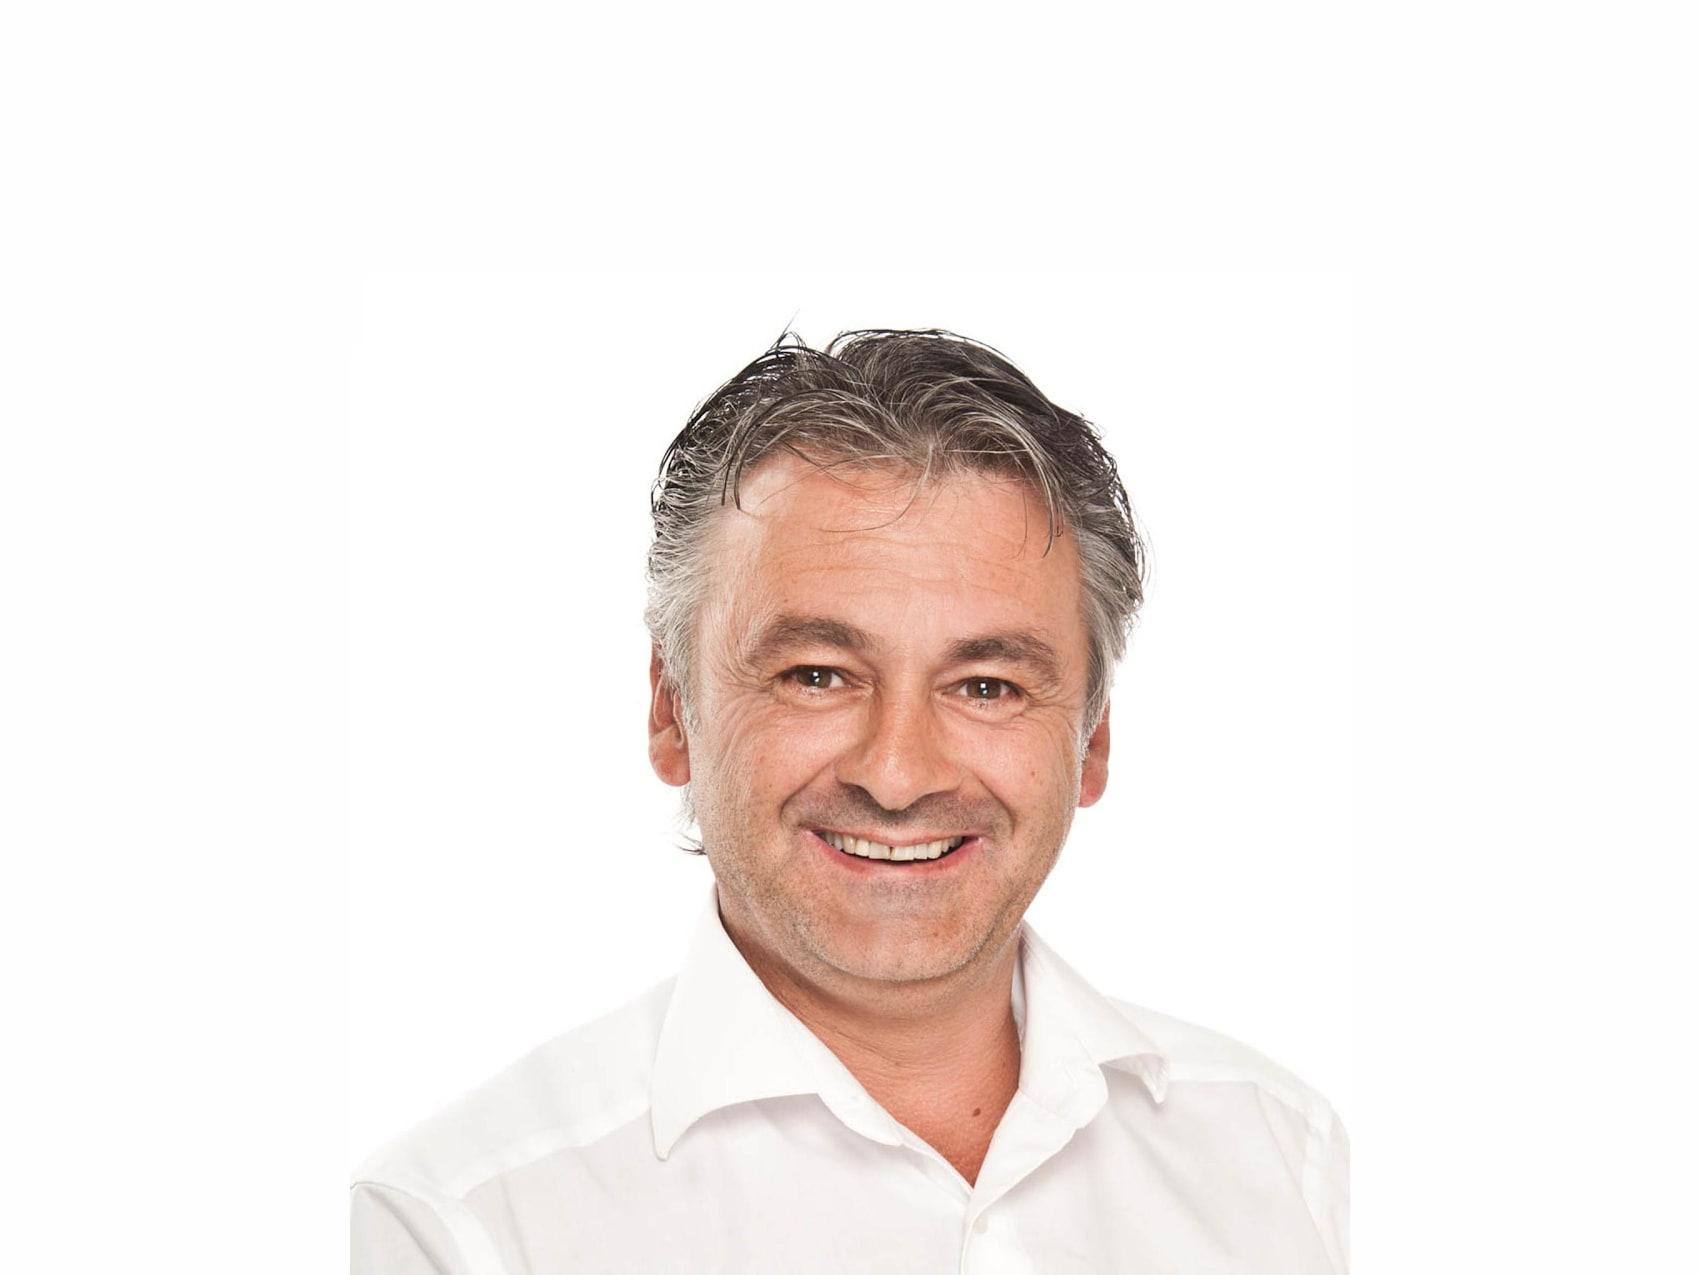 sc-Singen-Baur-Thorsten